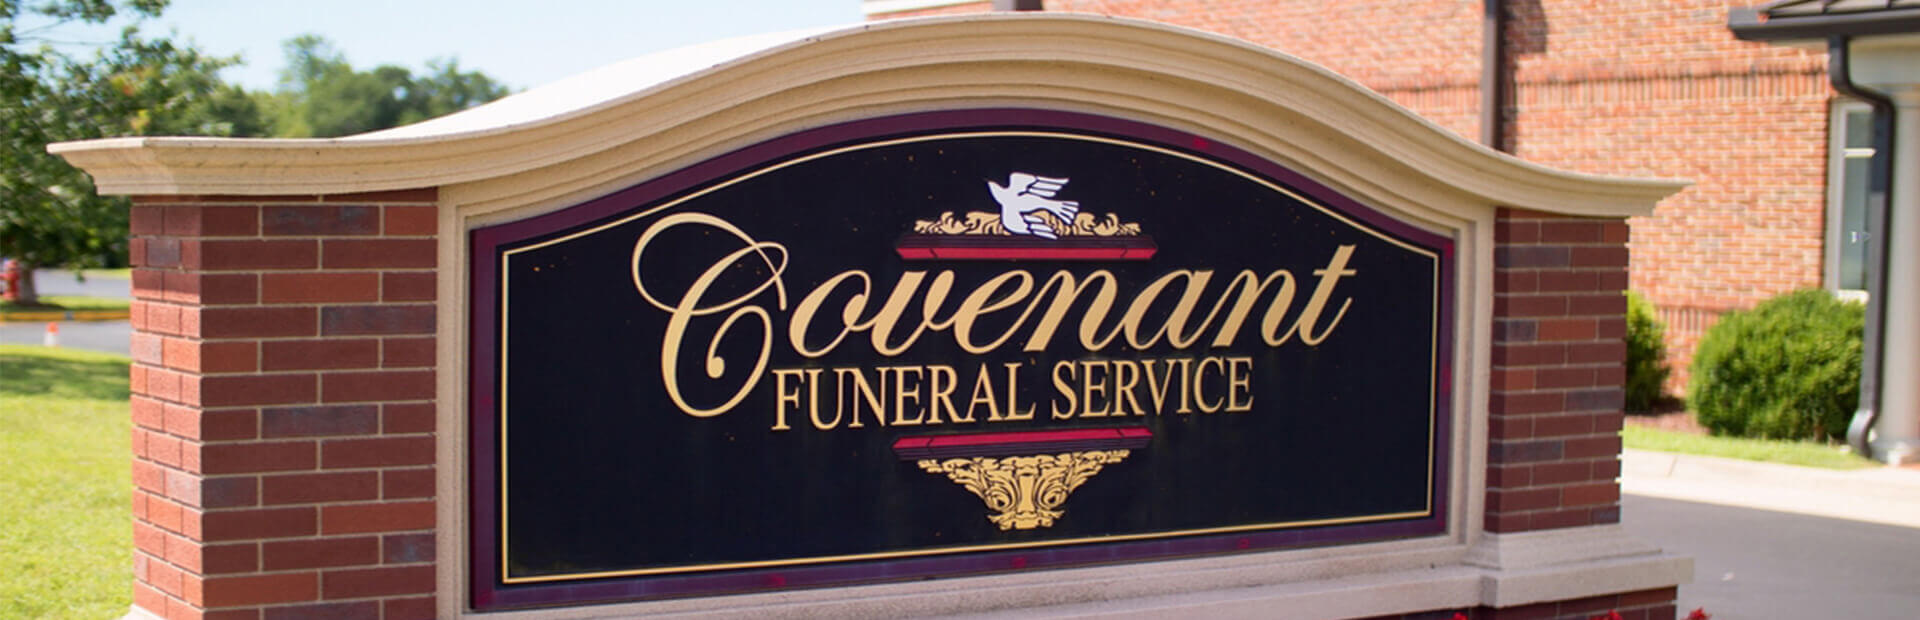 Covenant Funeral Service in Fredericksburg & Stafford, VA